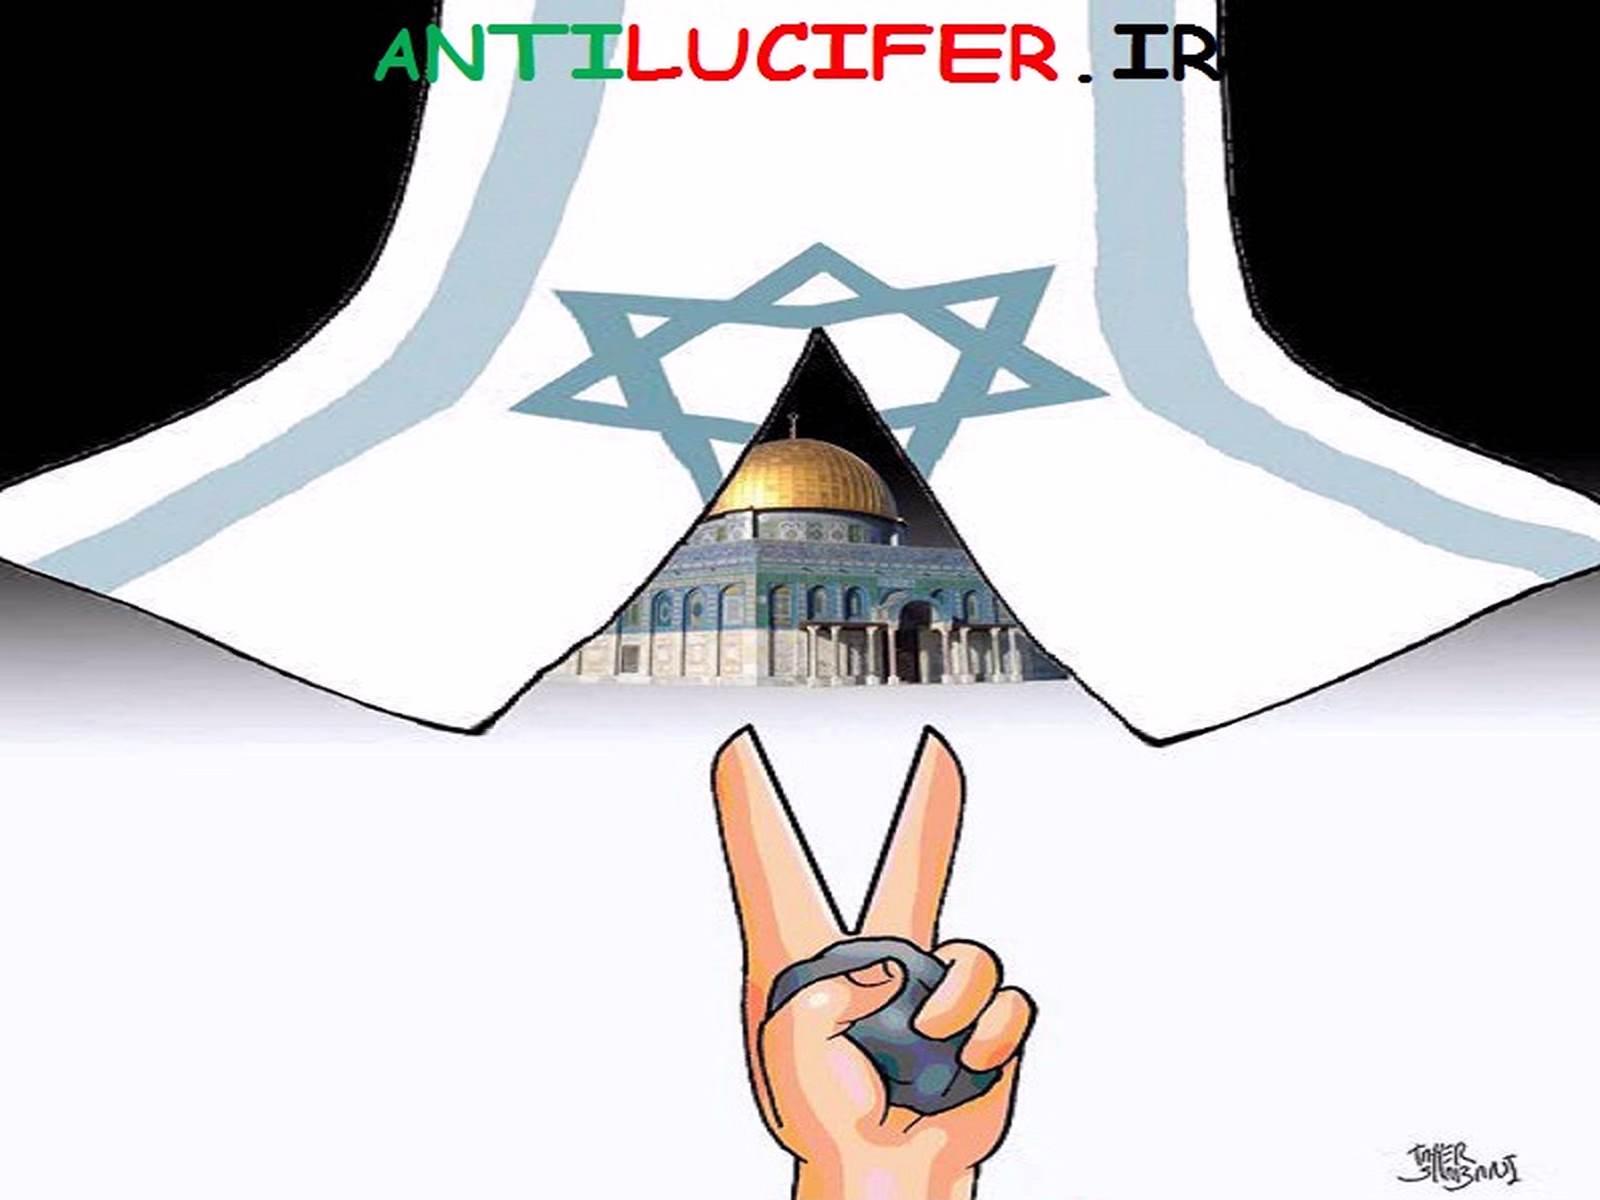 عکس آزادی کاریکاتور در مورد غزه و فلسطین